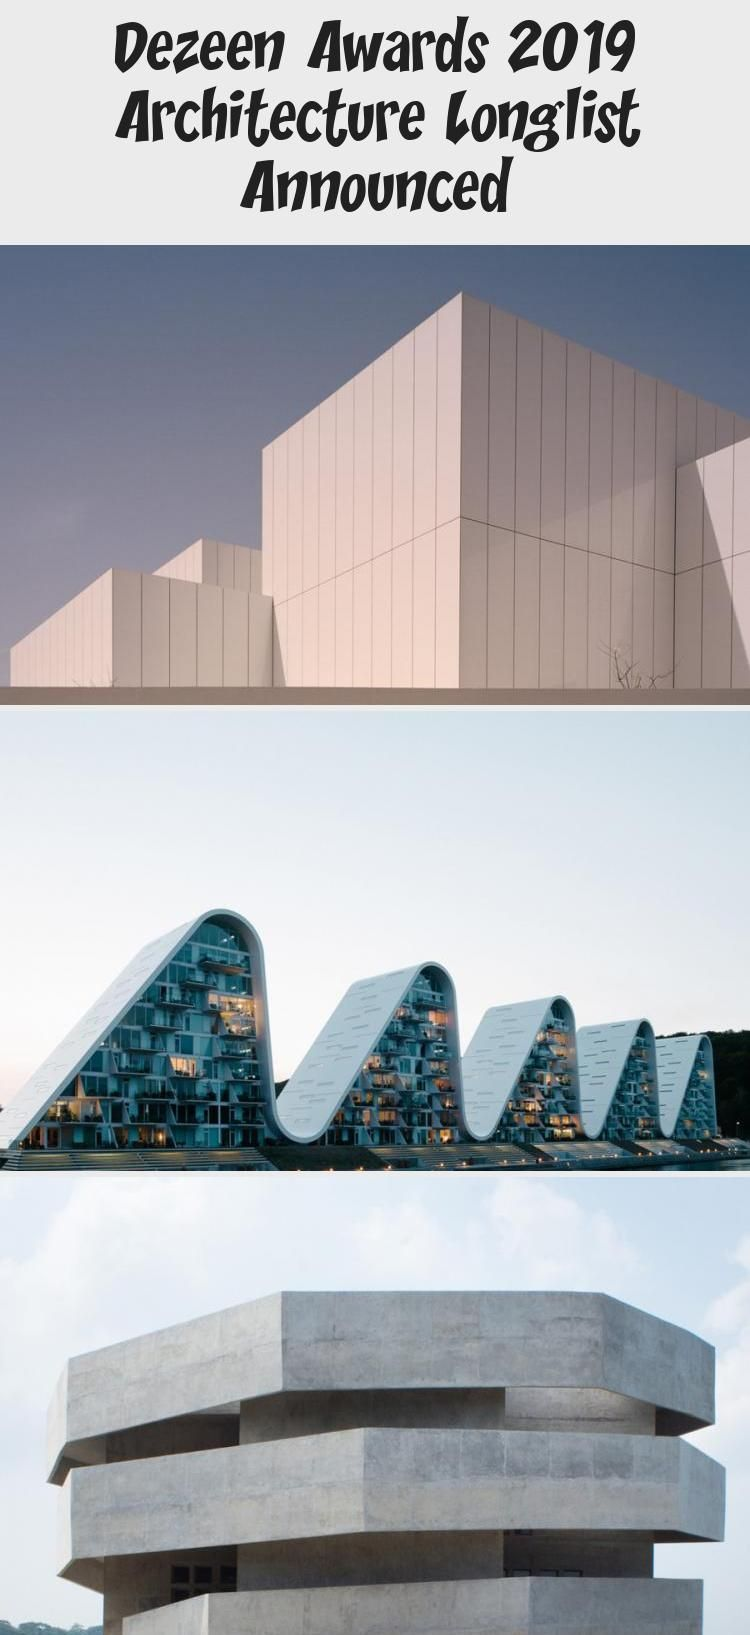 #Ecotourismarchitecture #Announced #Architecture #Awards #Dezeen #Longlist